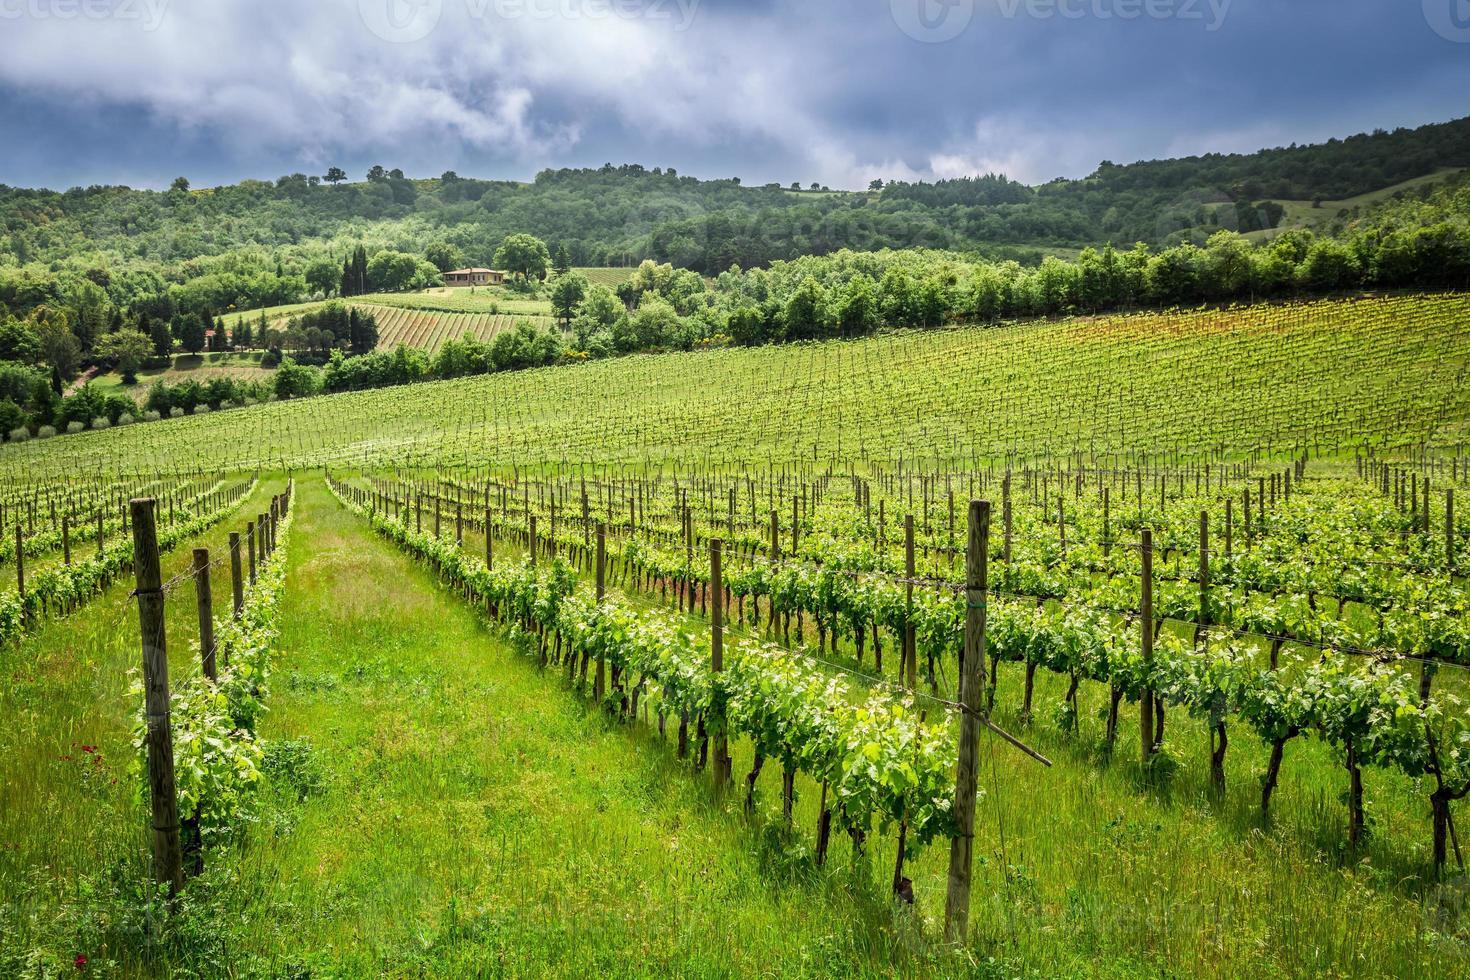 campi di uva in estate, italia foto